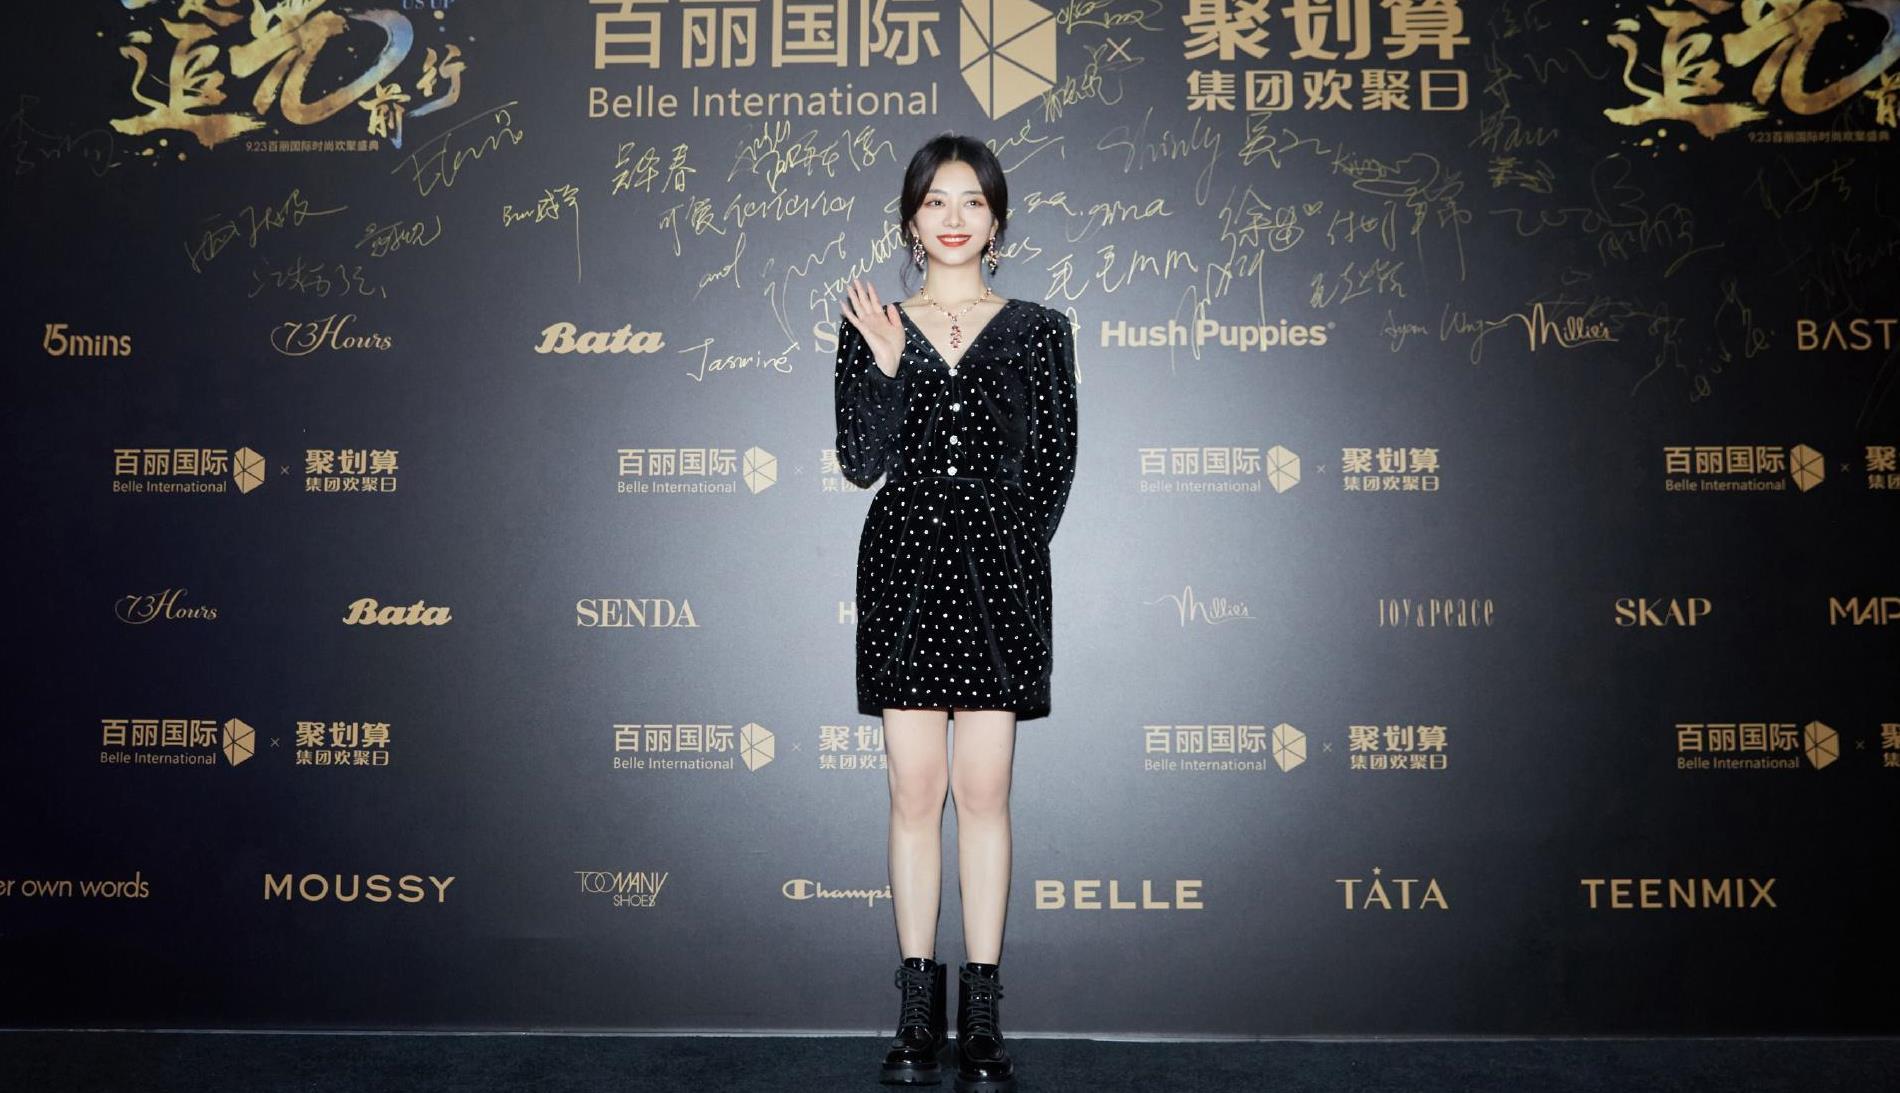 谭松韵出席活动,一袭复古黑色丝绒裙+马丁靴,元气又少女